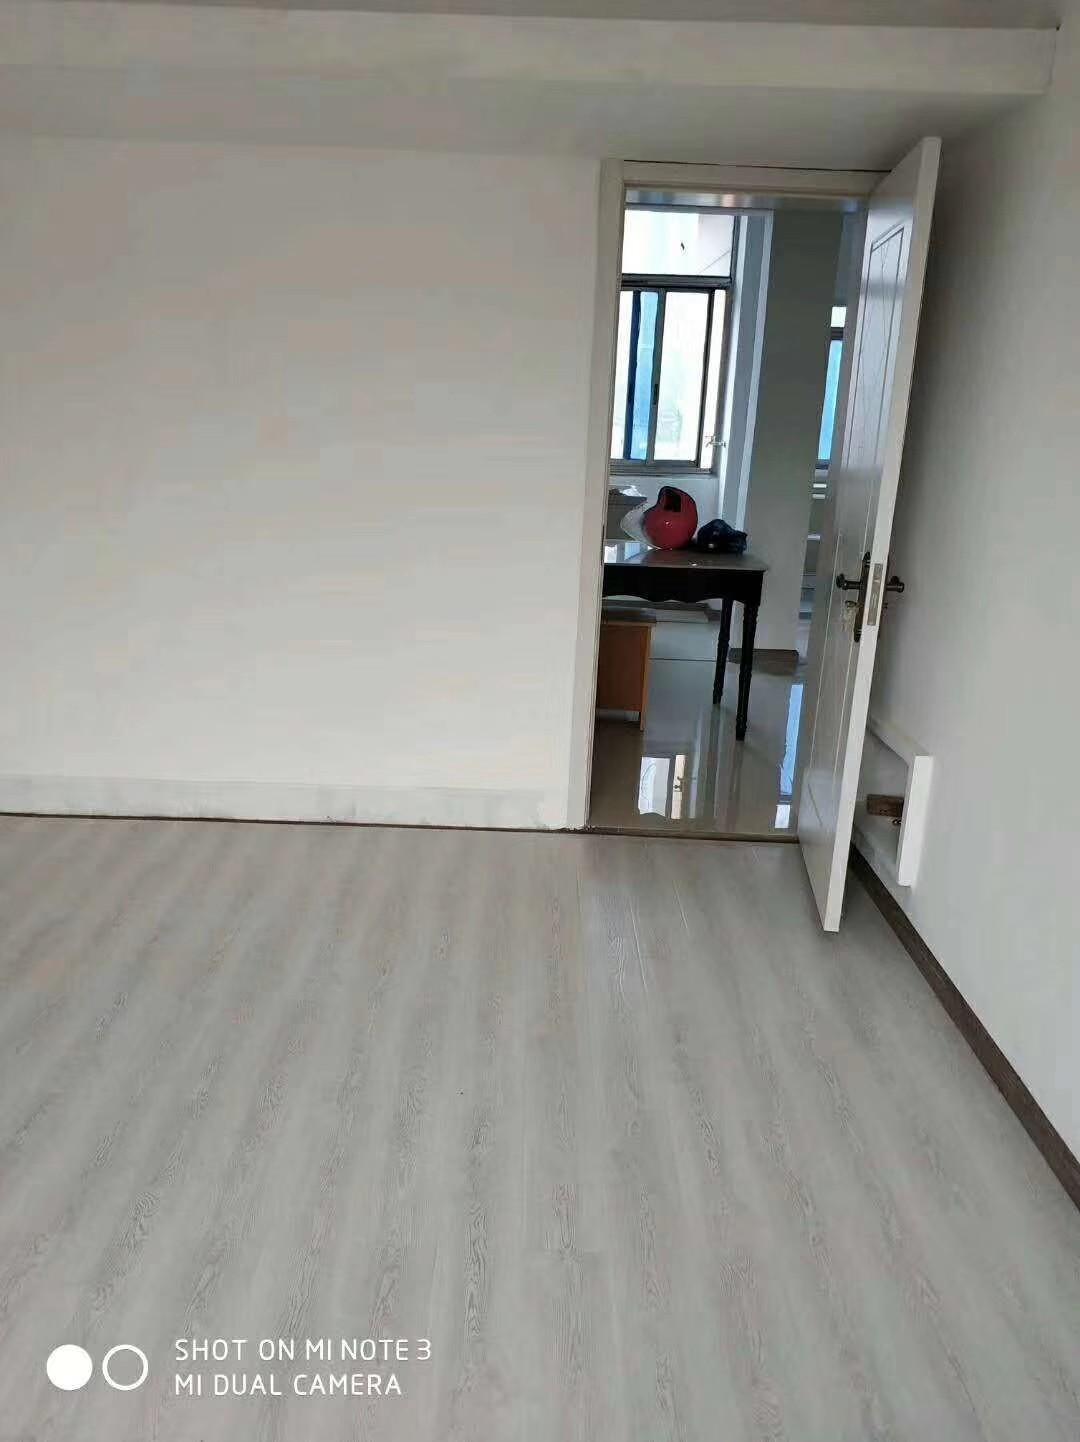 里横河 2楼 二室一厅一厨房一卫 全新装修 立邦油漆